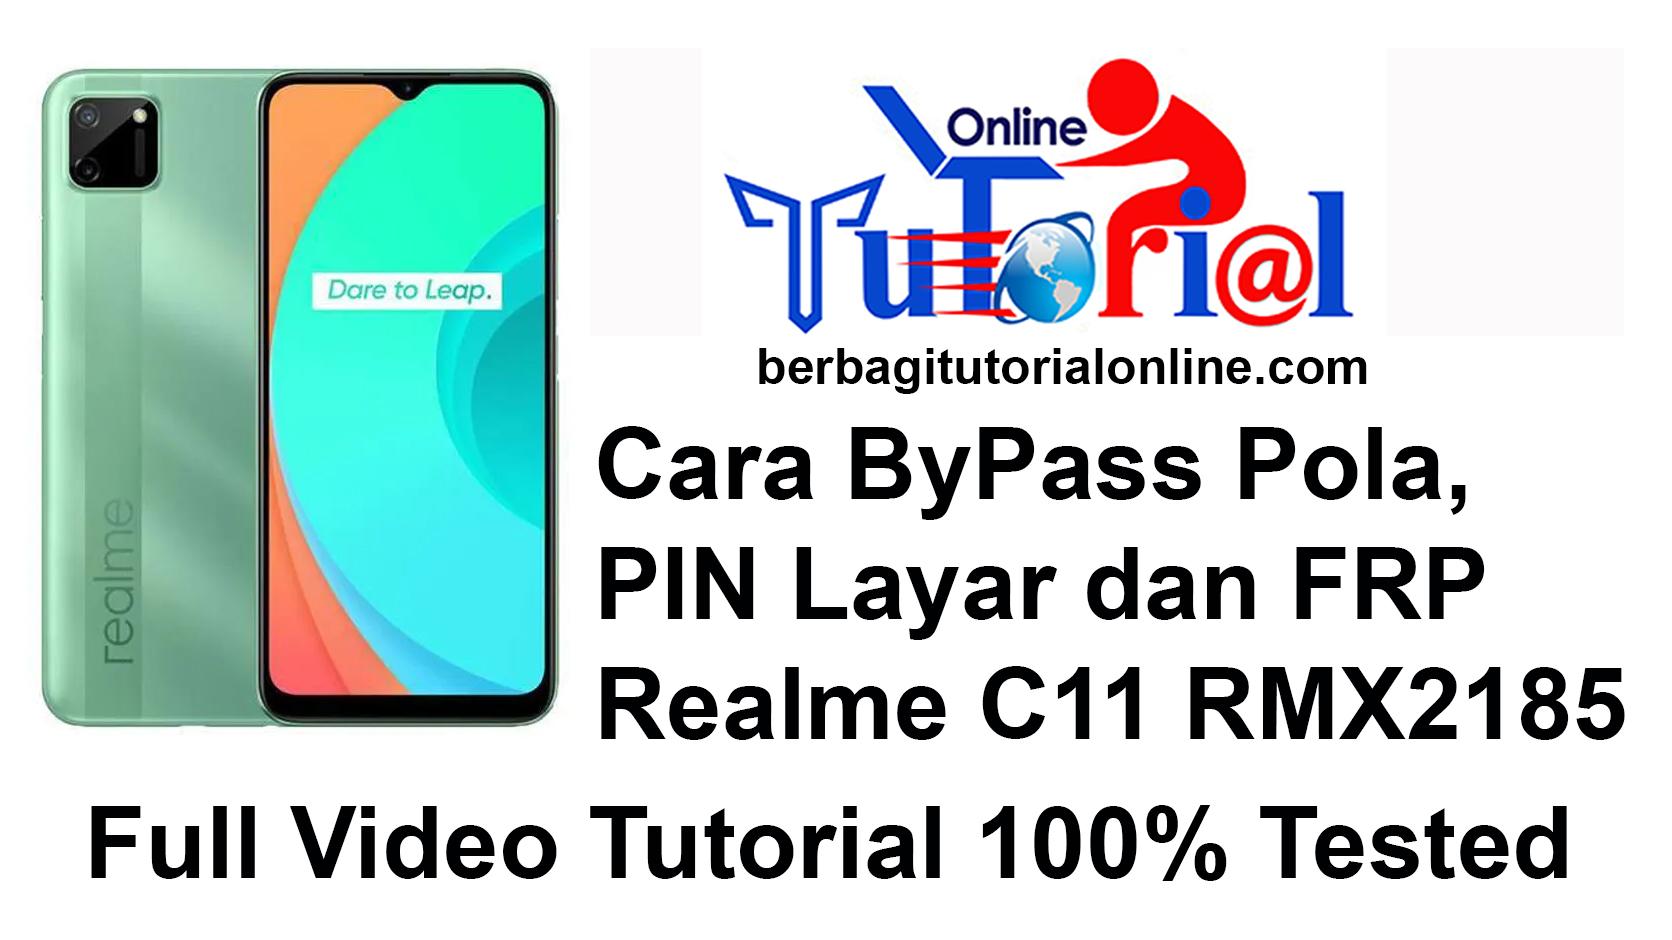 Cara ByPass Pola, PIN Layar dan FRP Realme C11 RMX2185